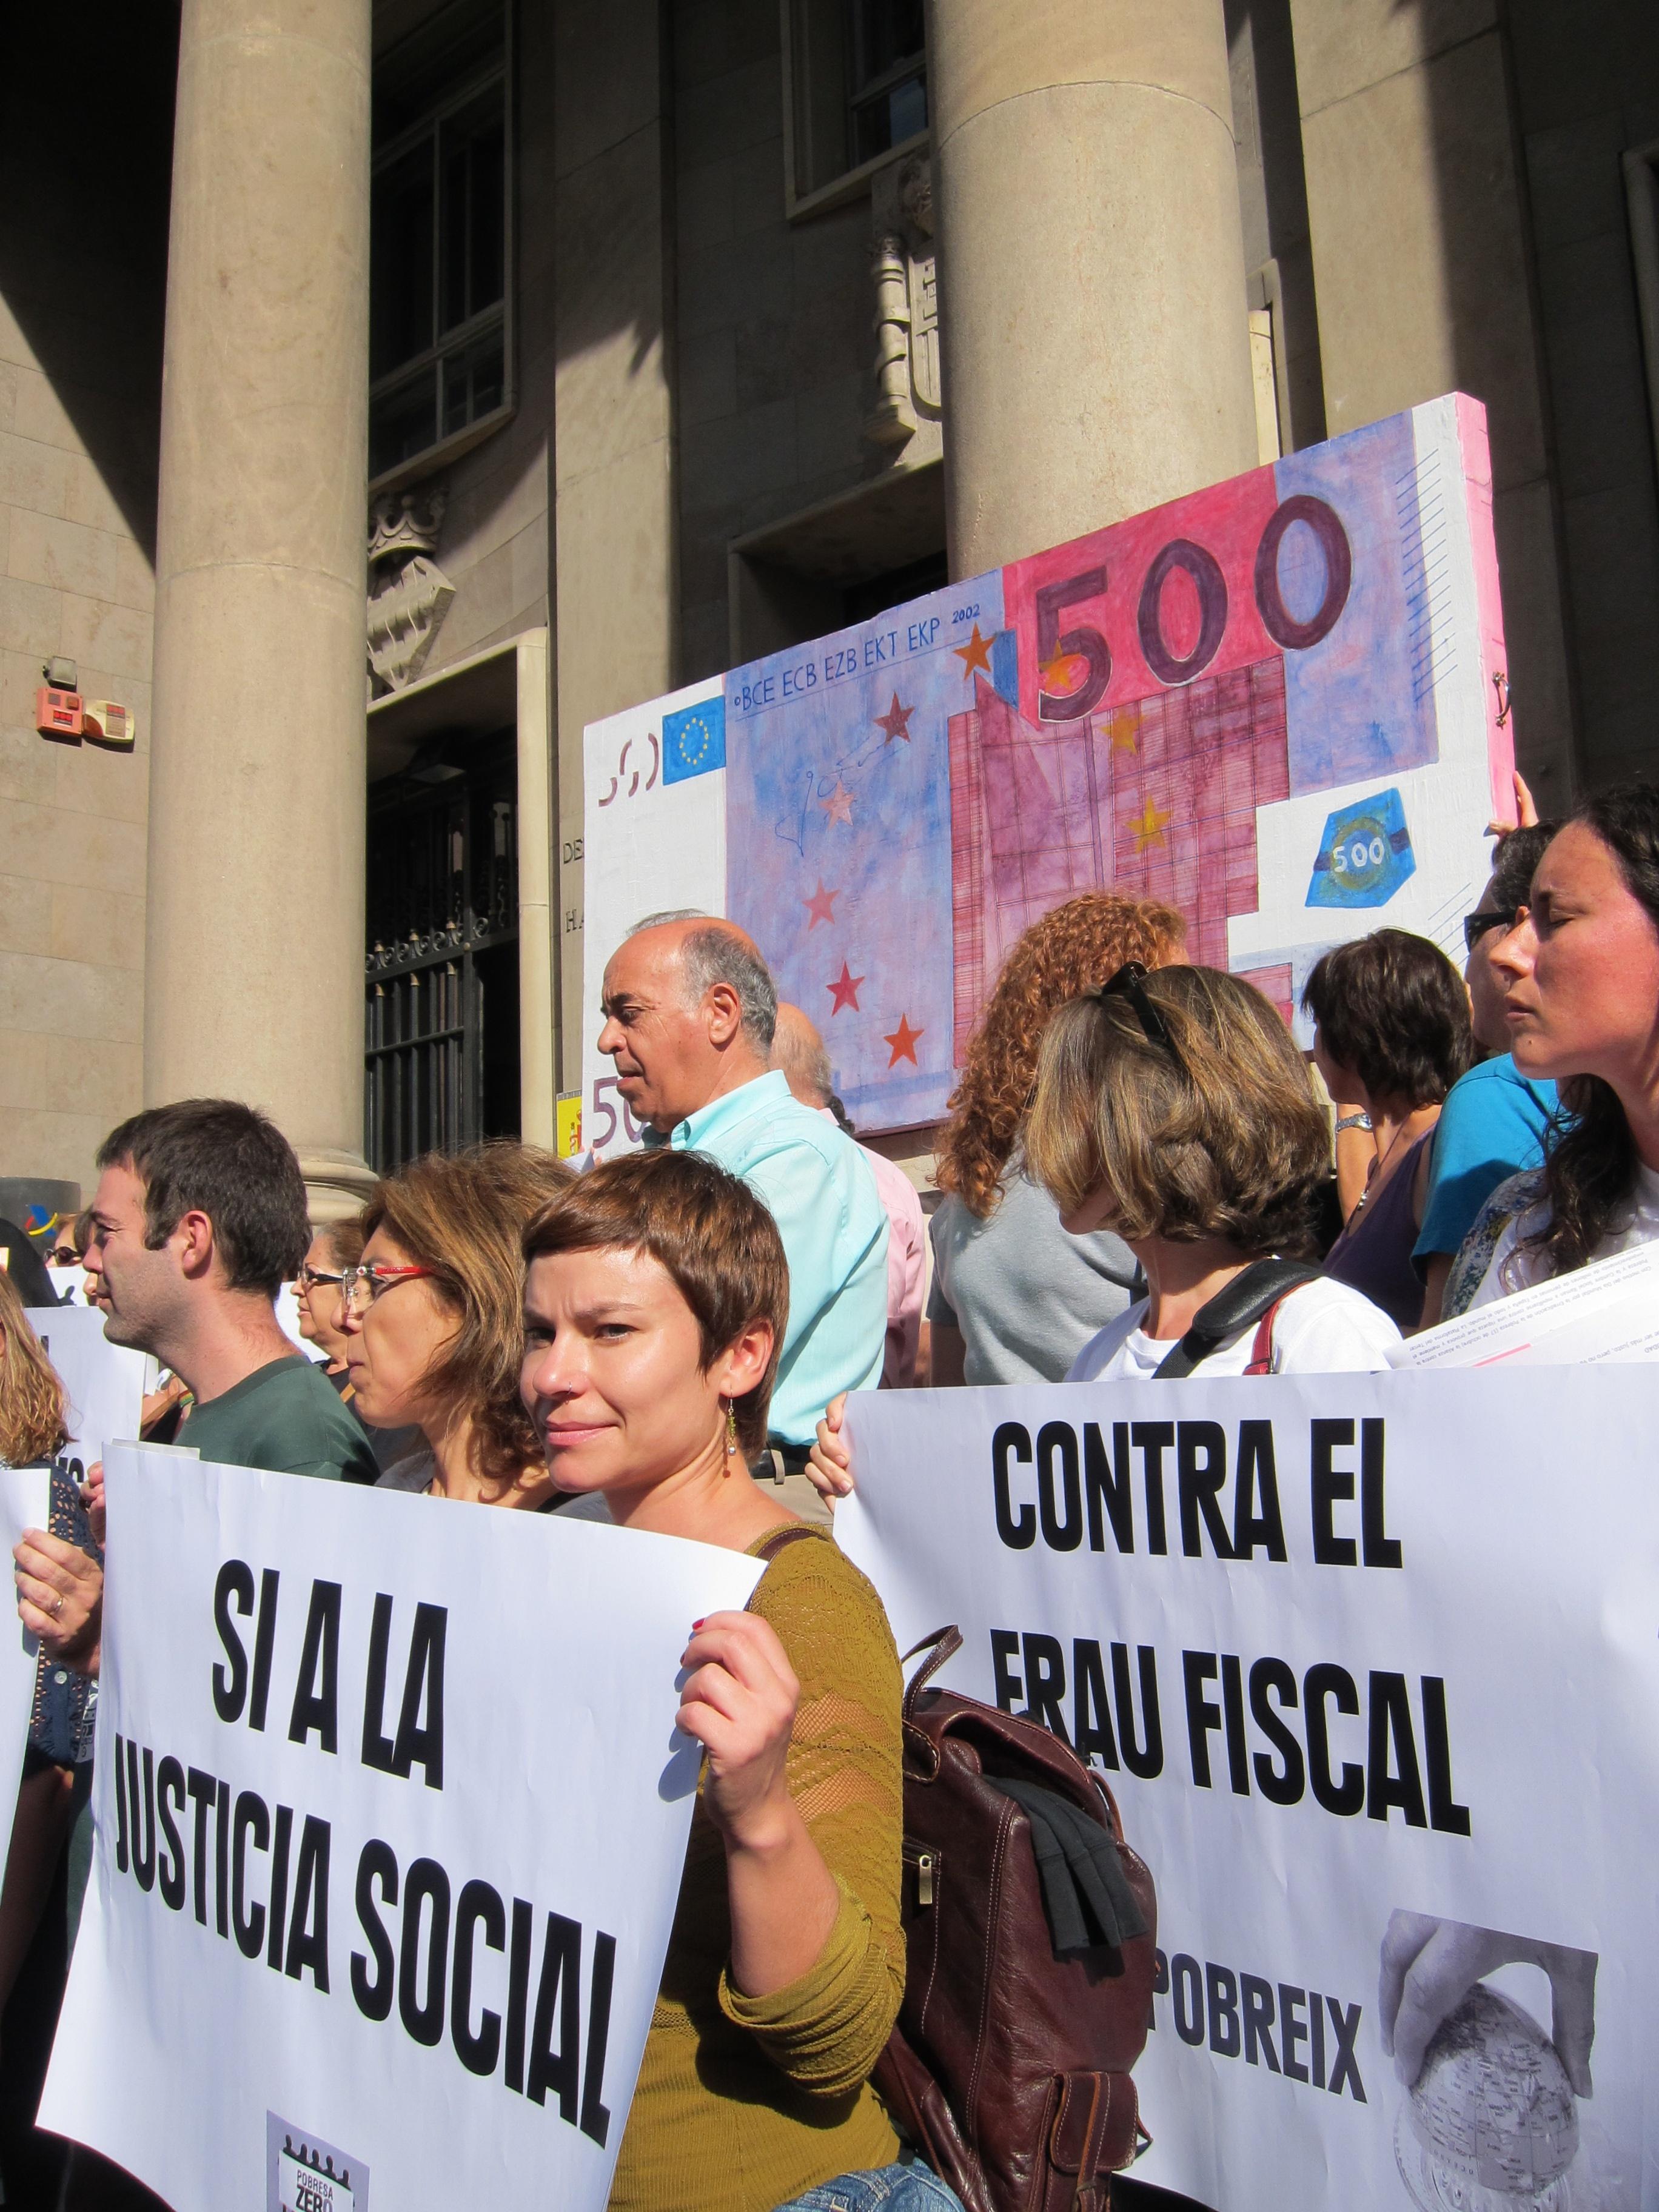 Protestan contra la pobreza llevando un billete gigante de 500€ a Hacienda